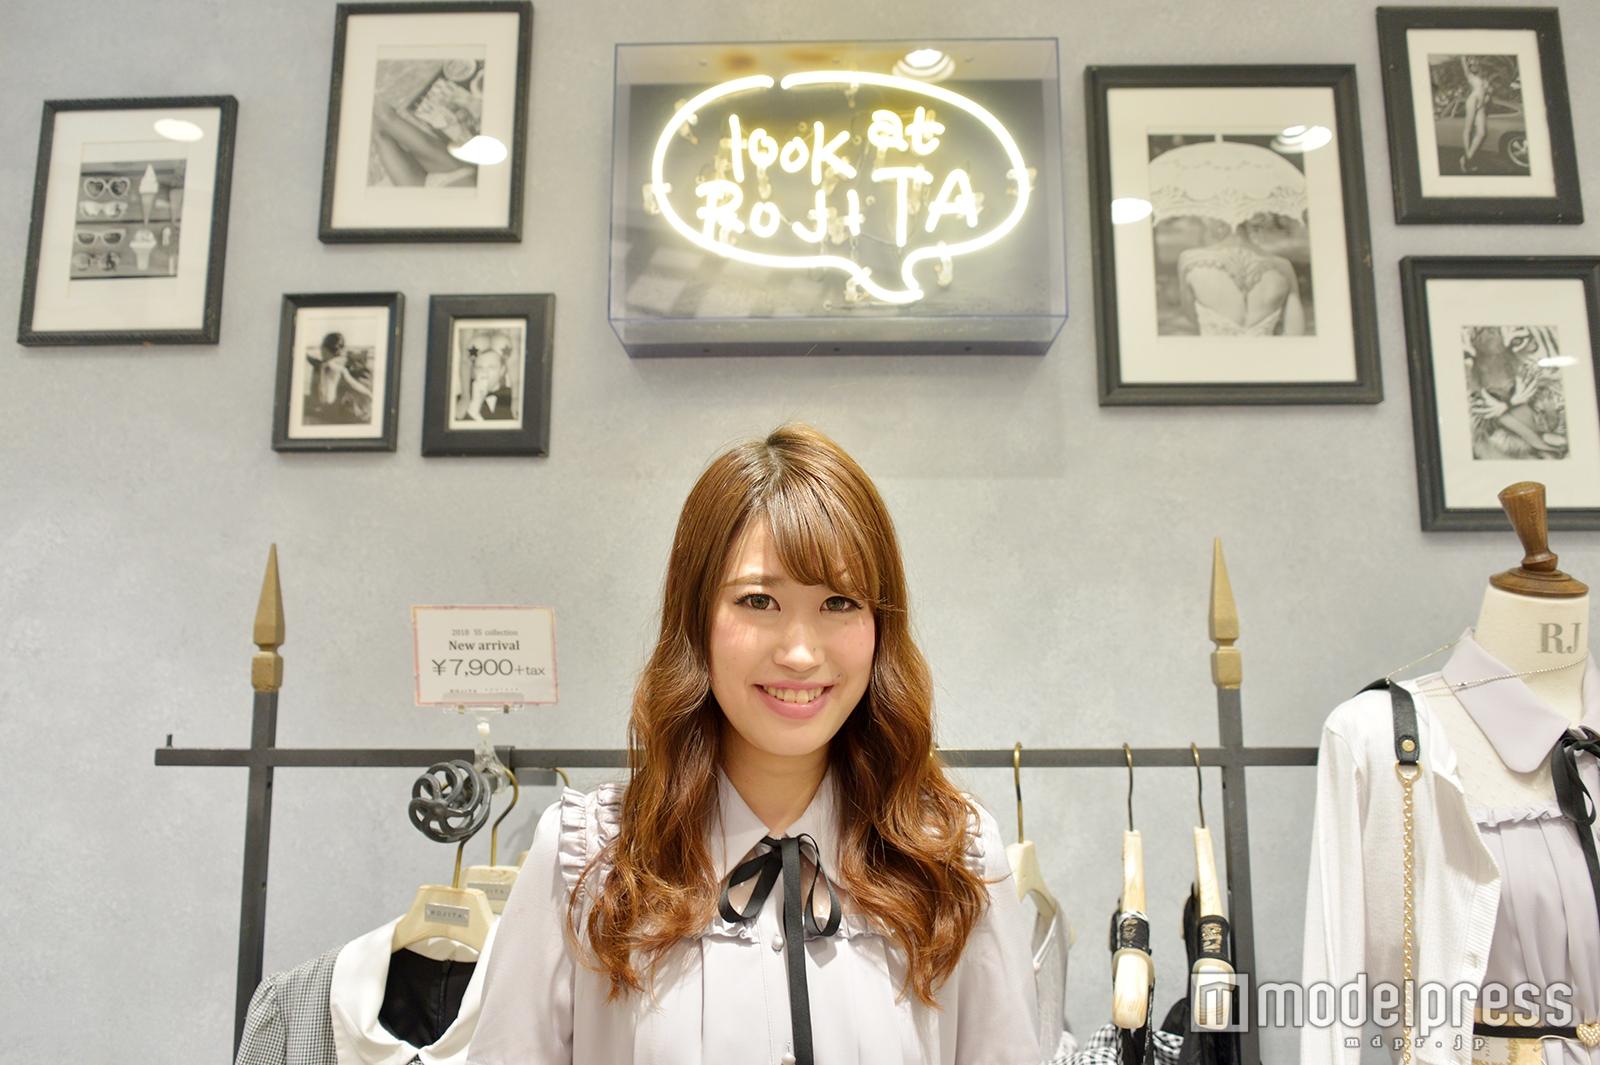 「ROJITA」渋谷109店で取材を実施(C)モデルプレス